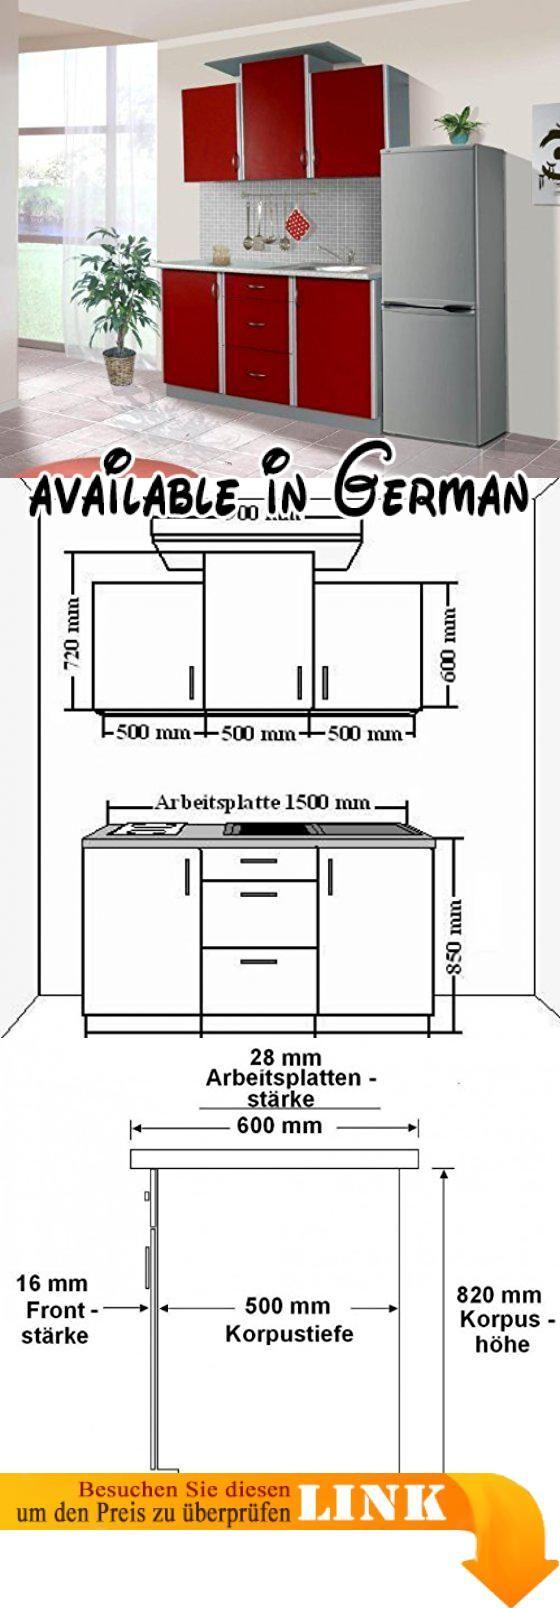 B008MUQJV4 : Küche Sky 150cm Küchenzeile / Küchenblock variabel ...